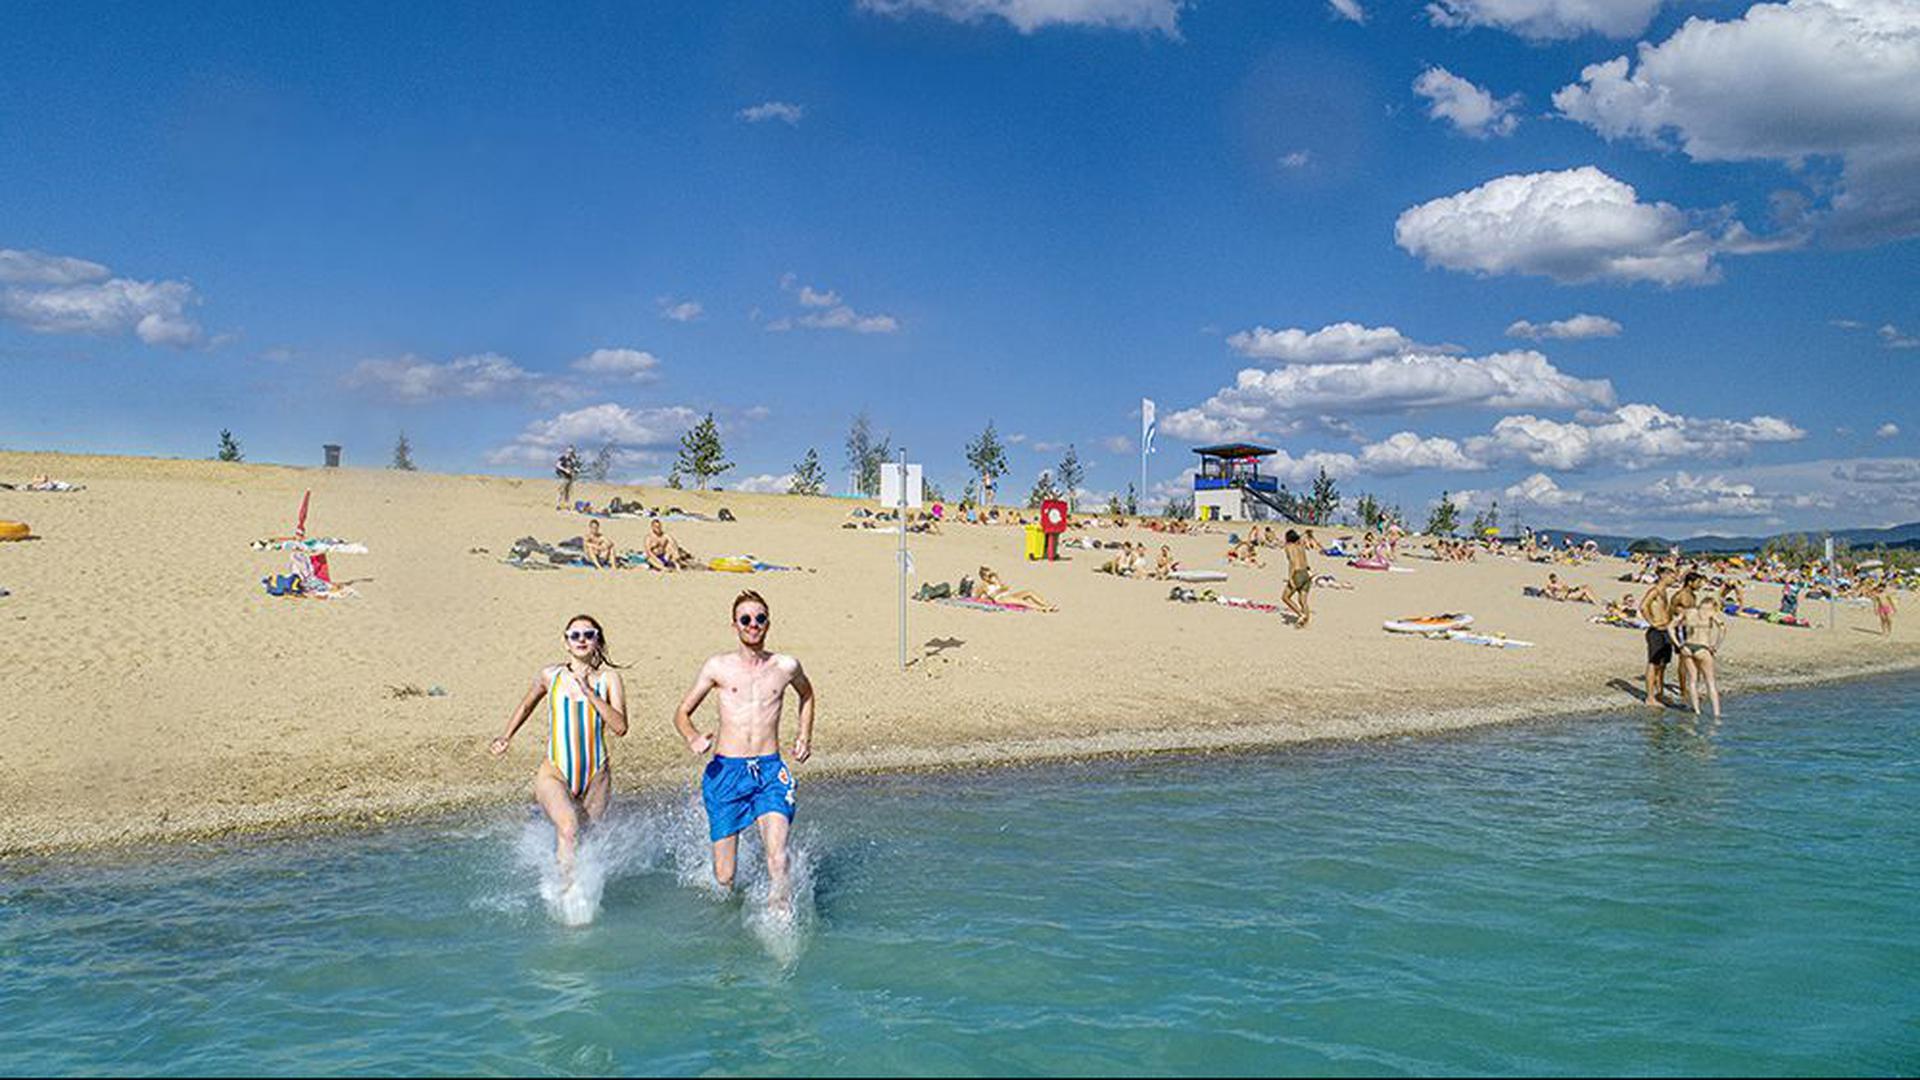 Auf ins kühle Nass: Bis zu 2.000 Tagesgäste finden im Strandbad Sandweier Platz. In Corona-Zeiten sind 1.000 zugelassen.